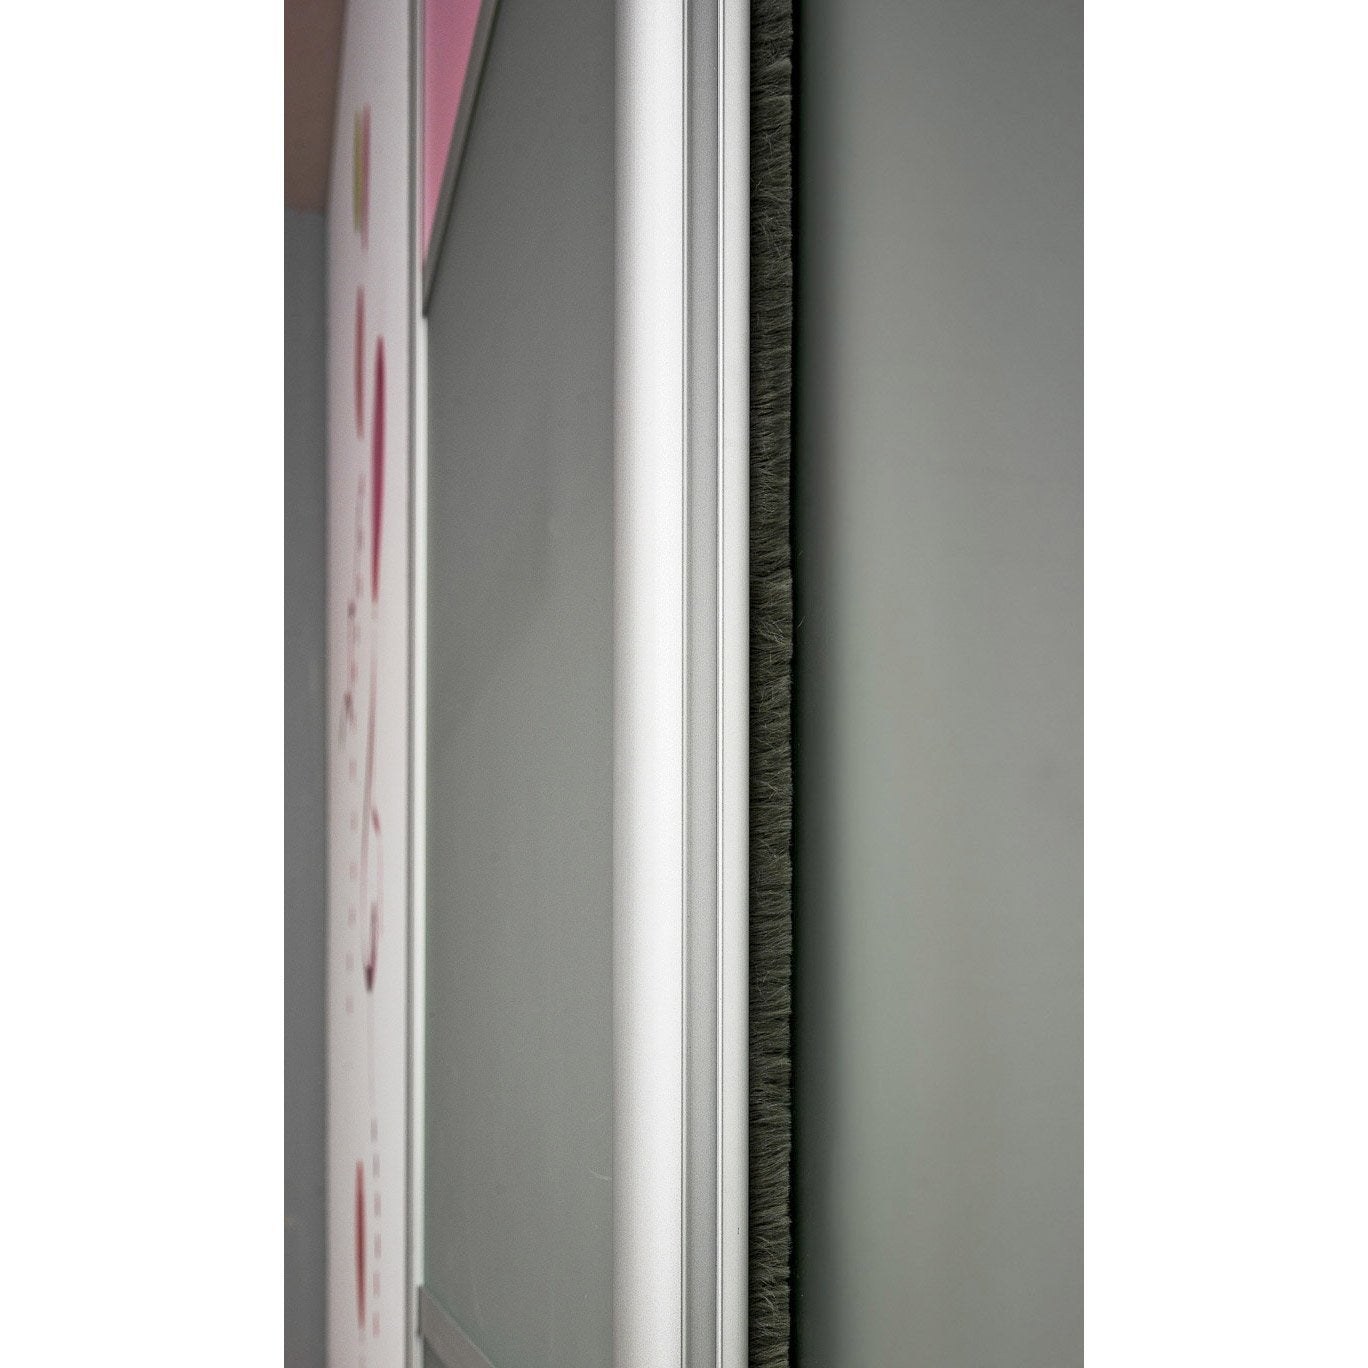 10 xherlitz Transparent papier a4 20x30cm Versc Couleurs Rouge Jaune Rose Bleu Marron